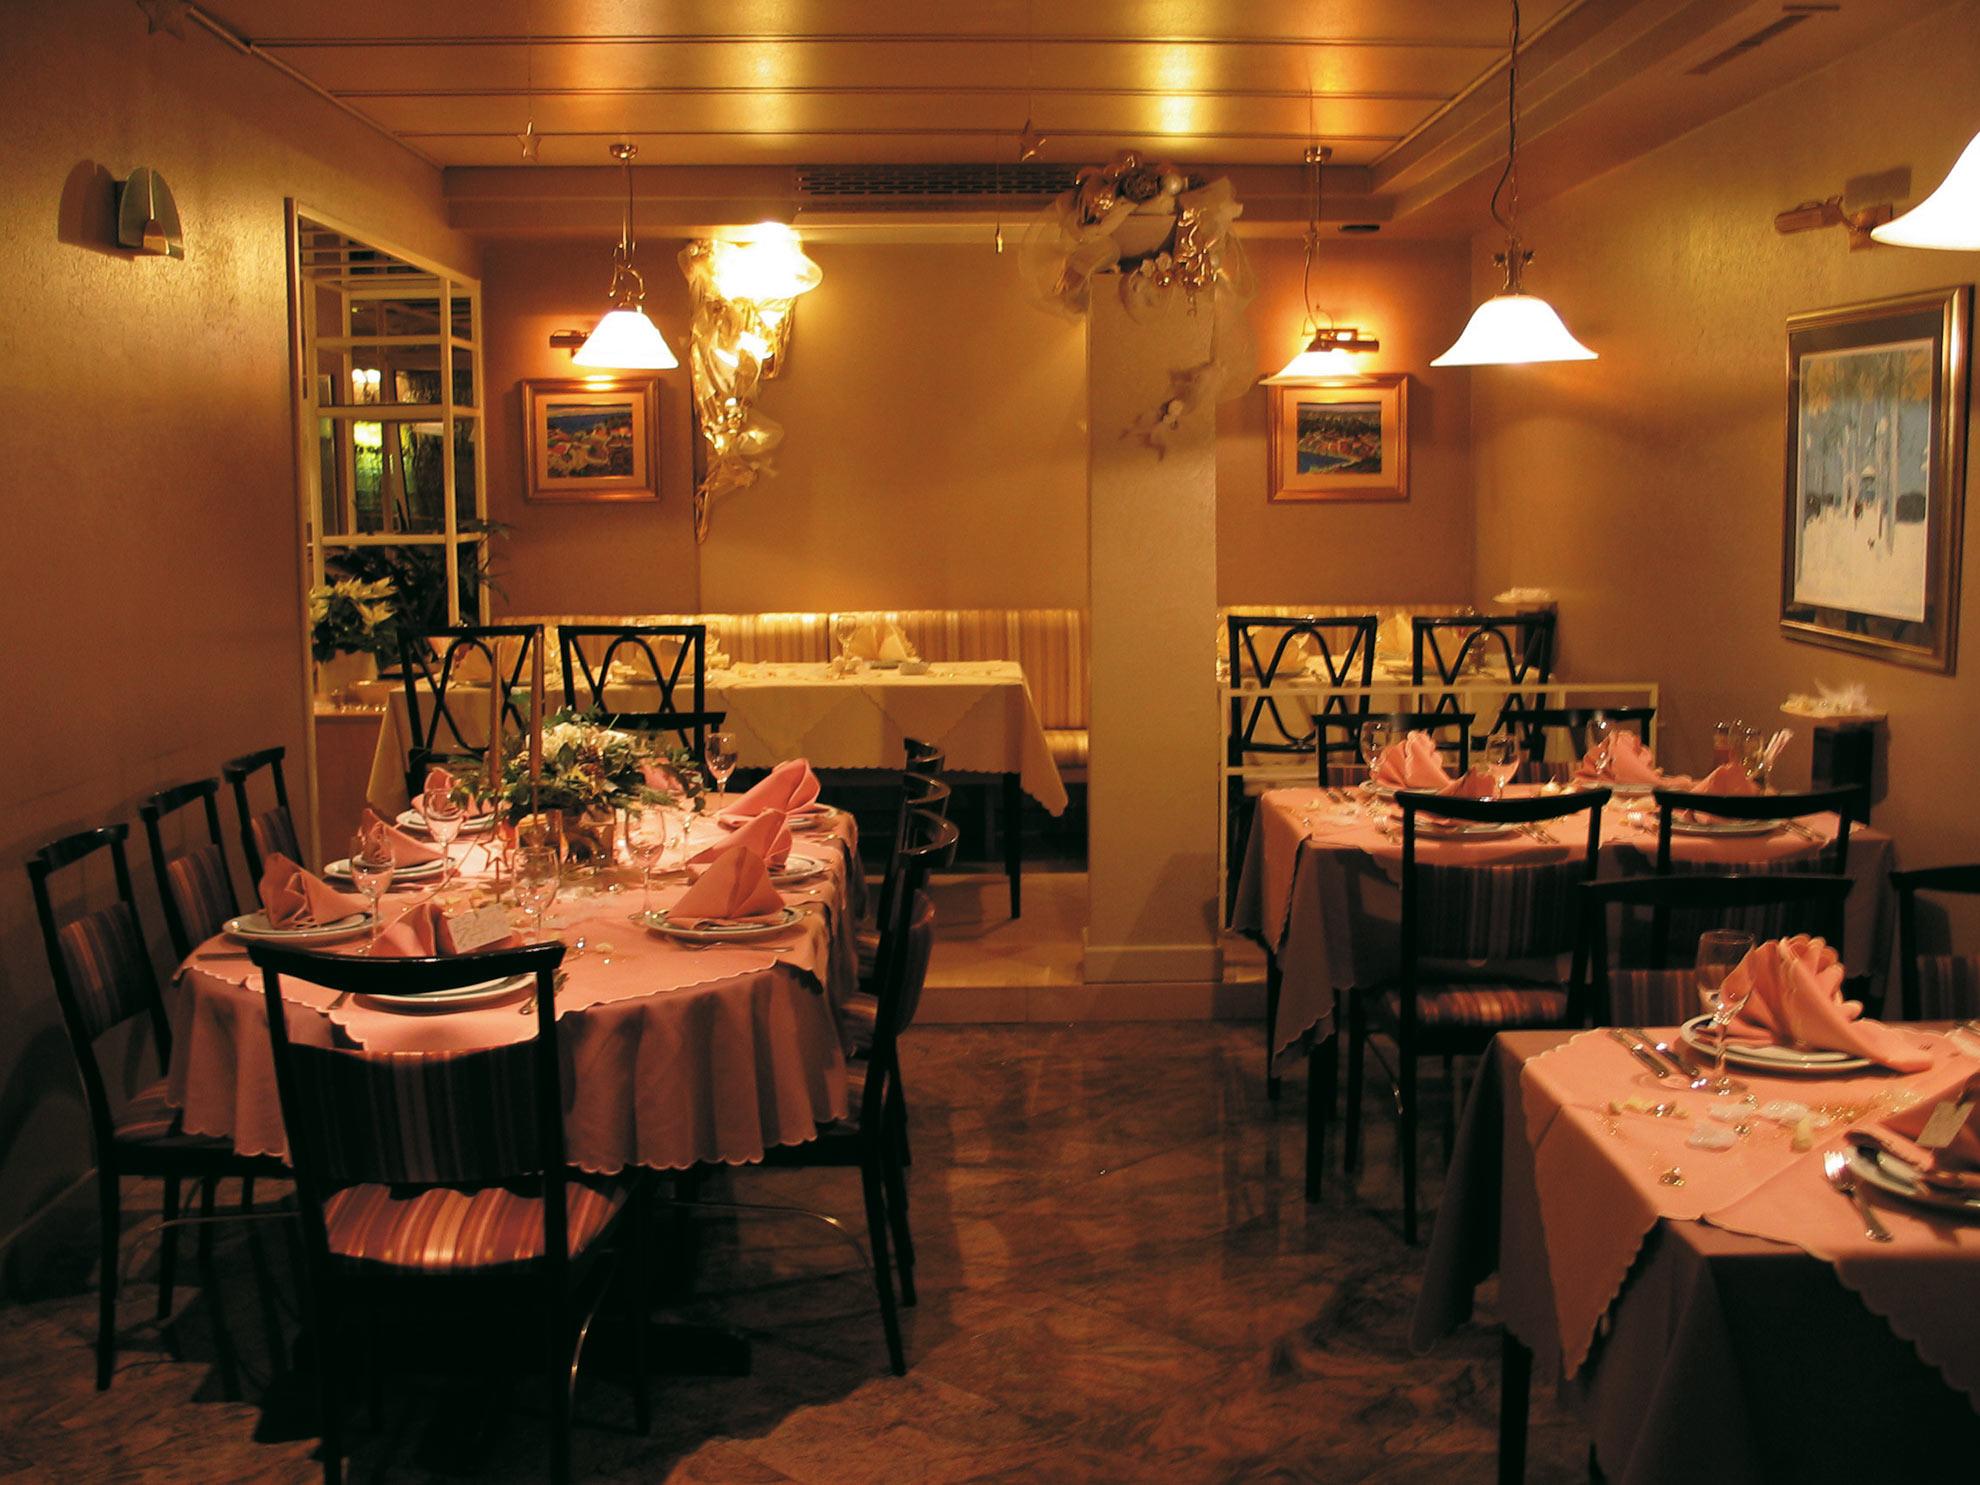 Restoran JEŽ, Makarska - Gastronaut restorani  Flambiranje